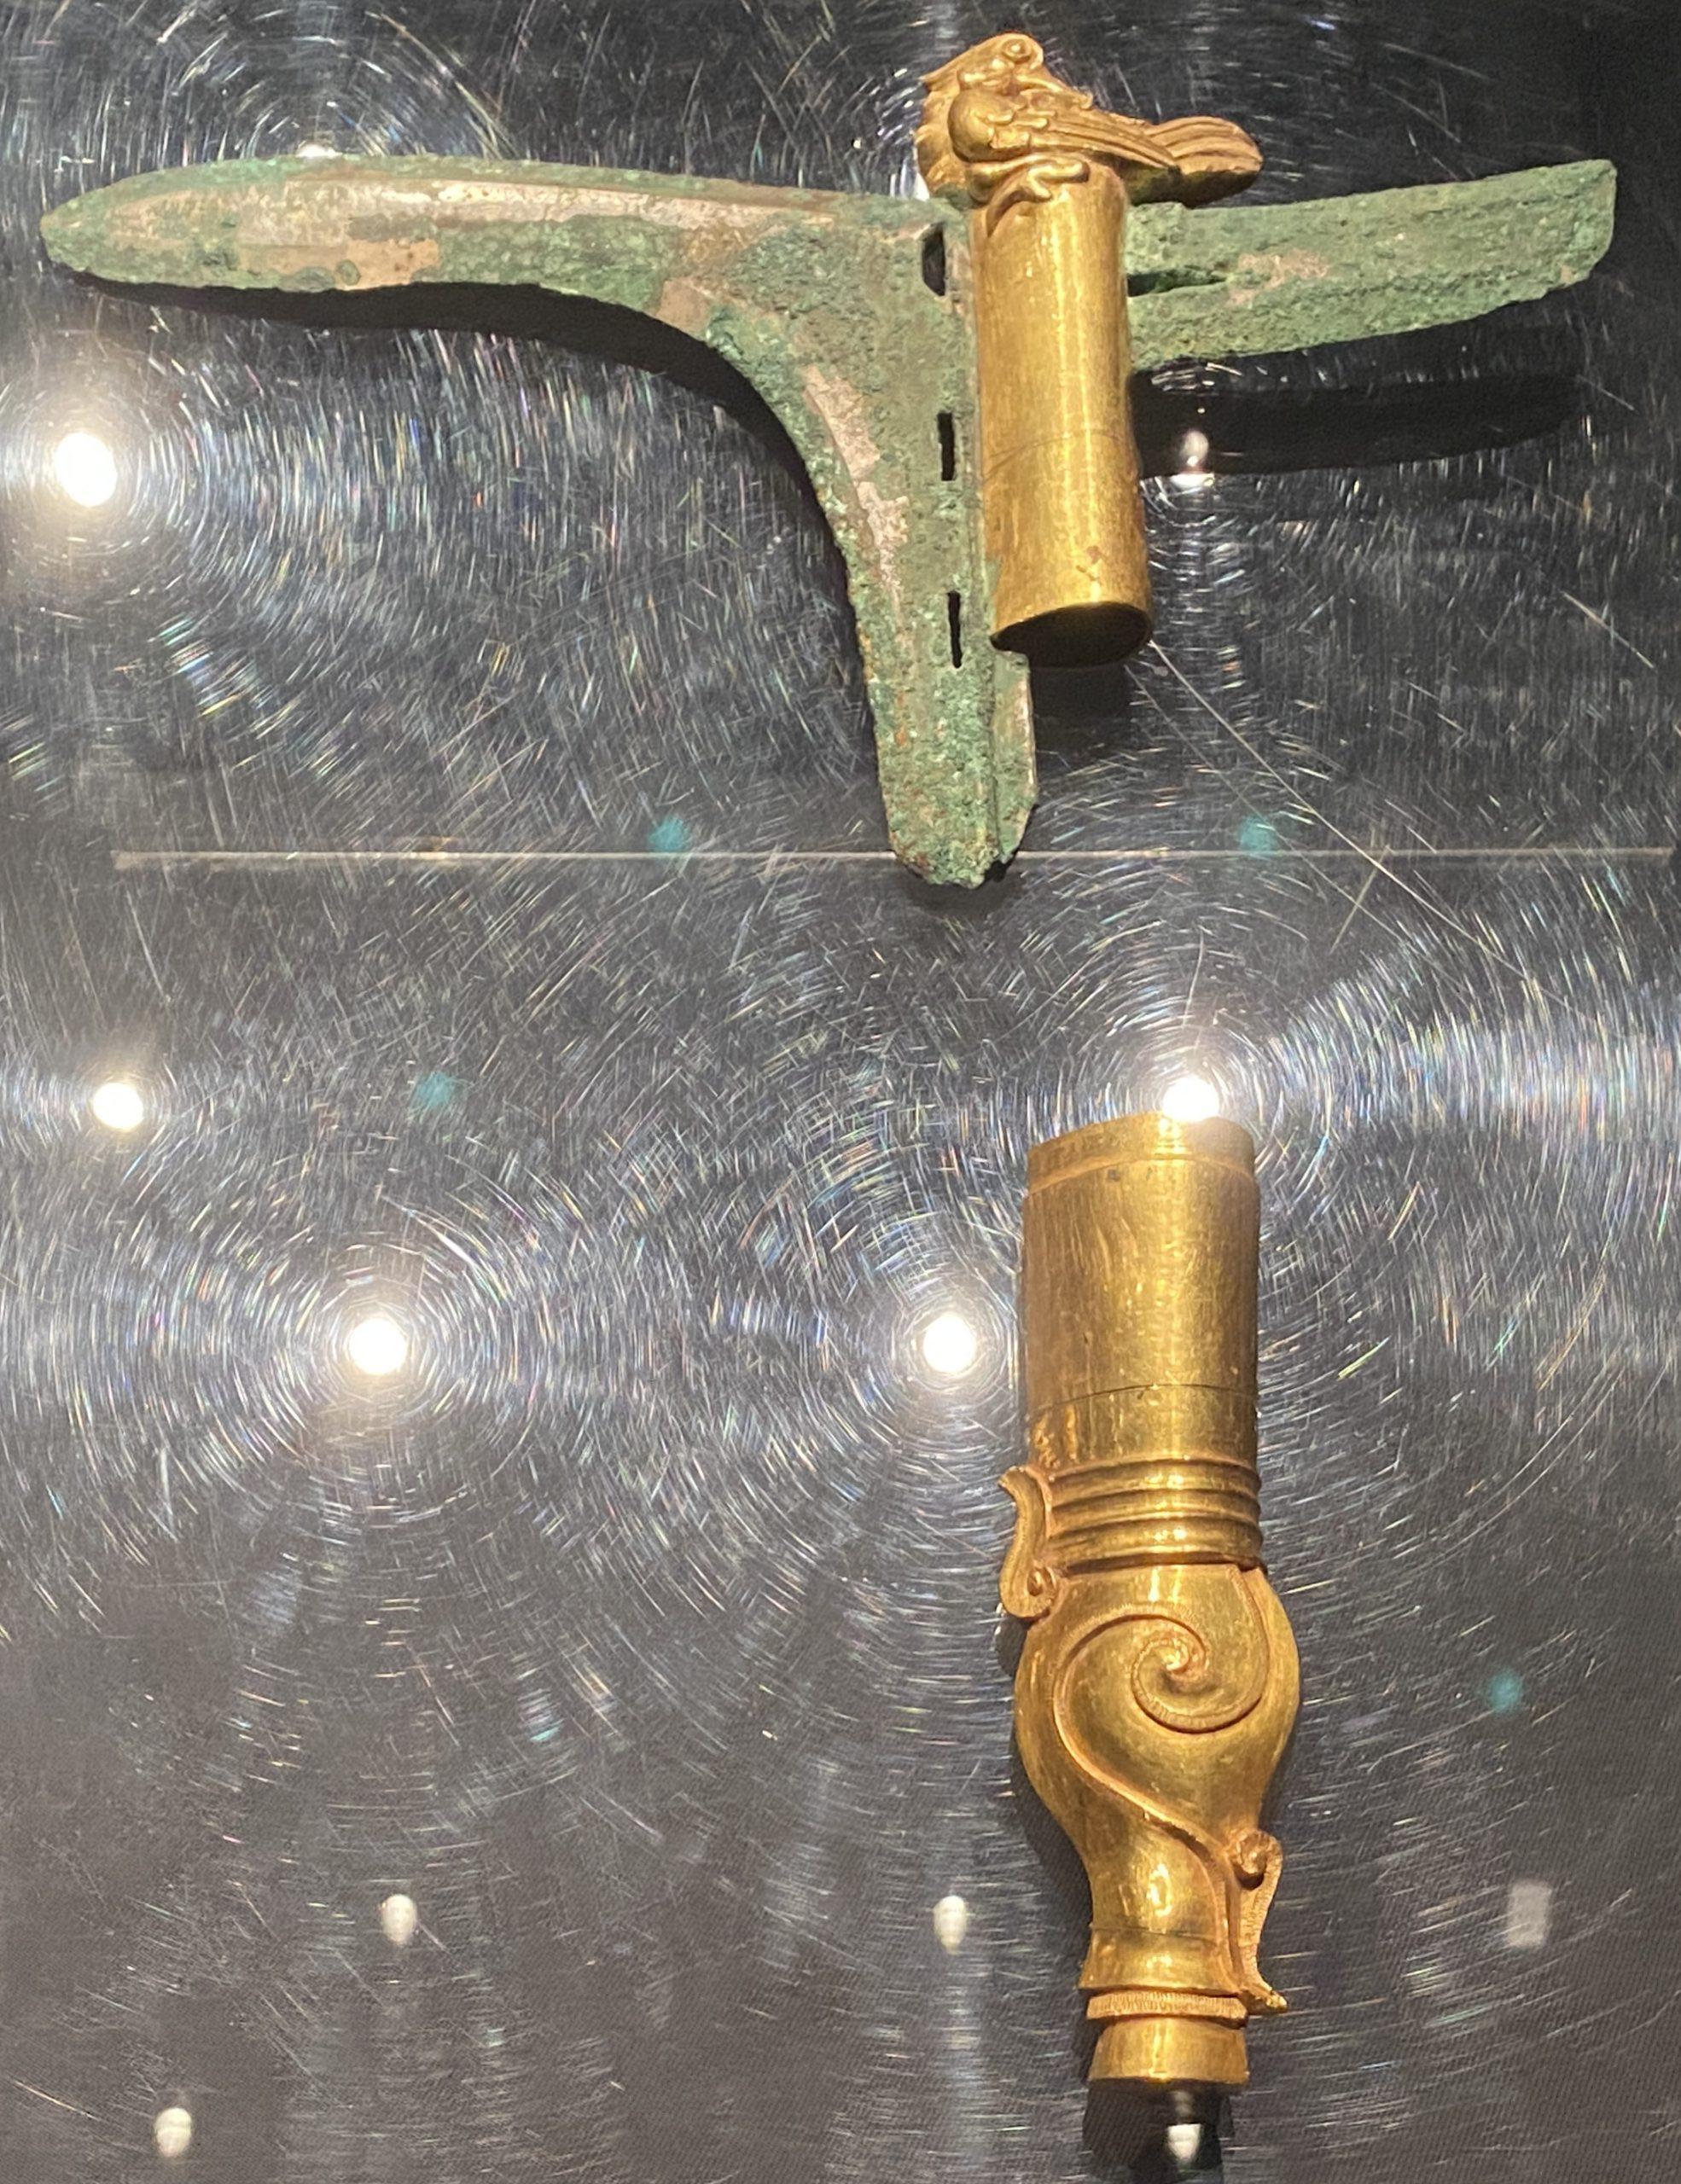 金鐏銅戈-【列備五都-秦漢時代の中国都市】-成都博物館-四川成都